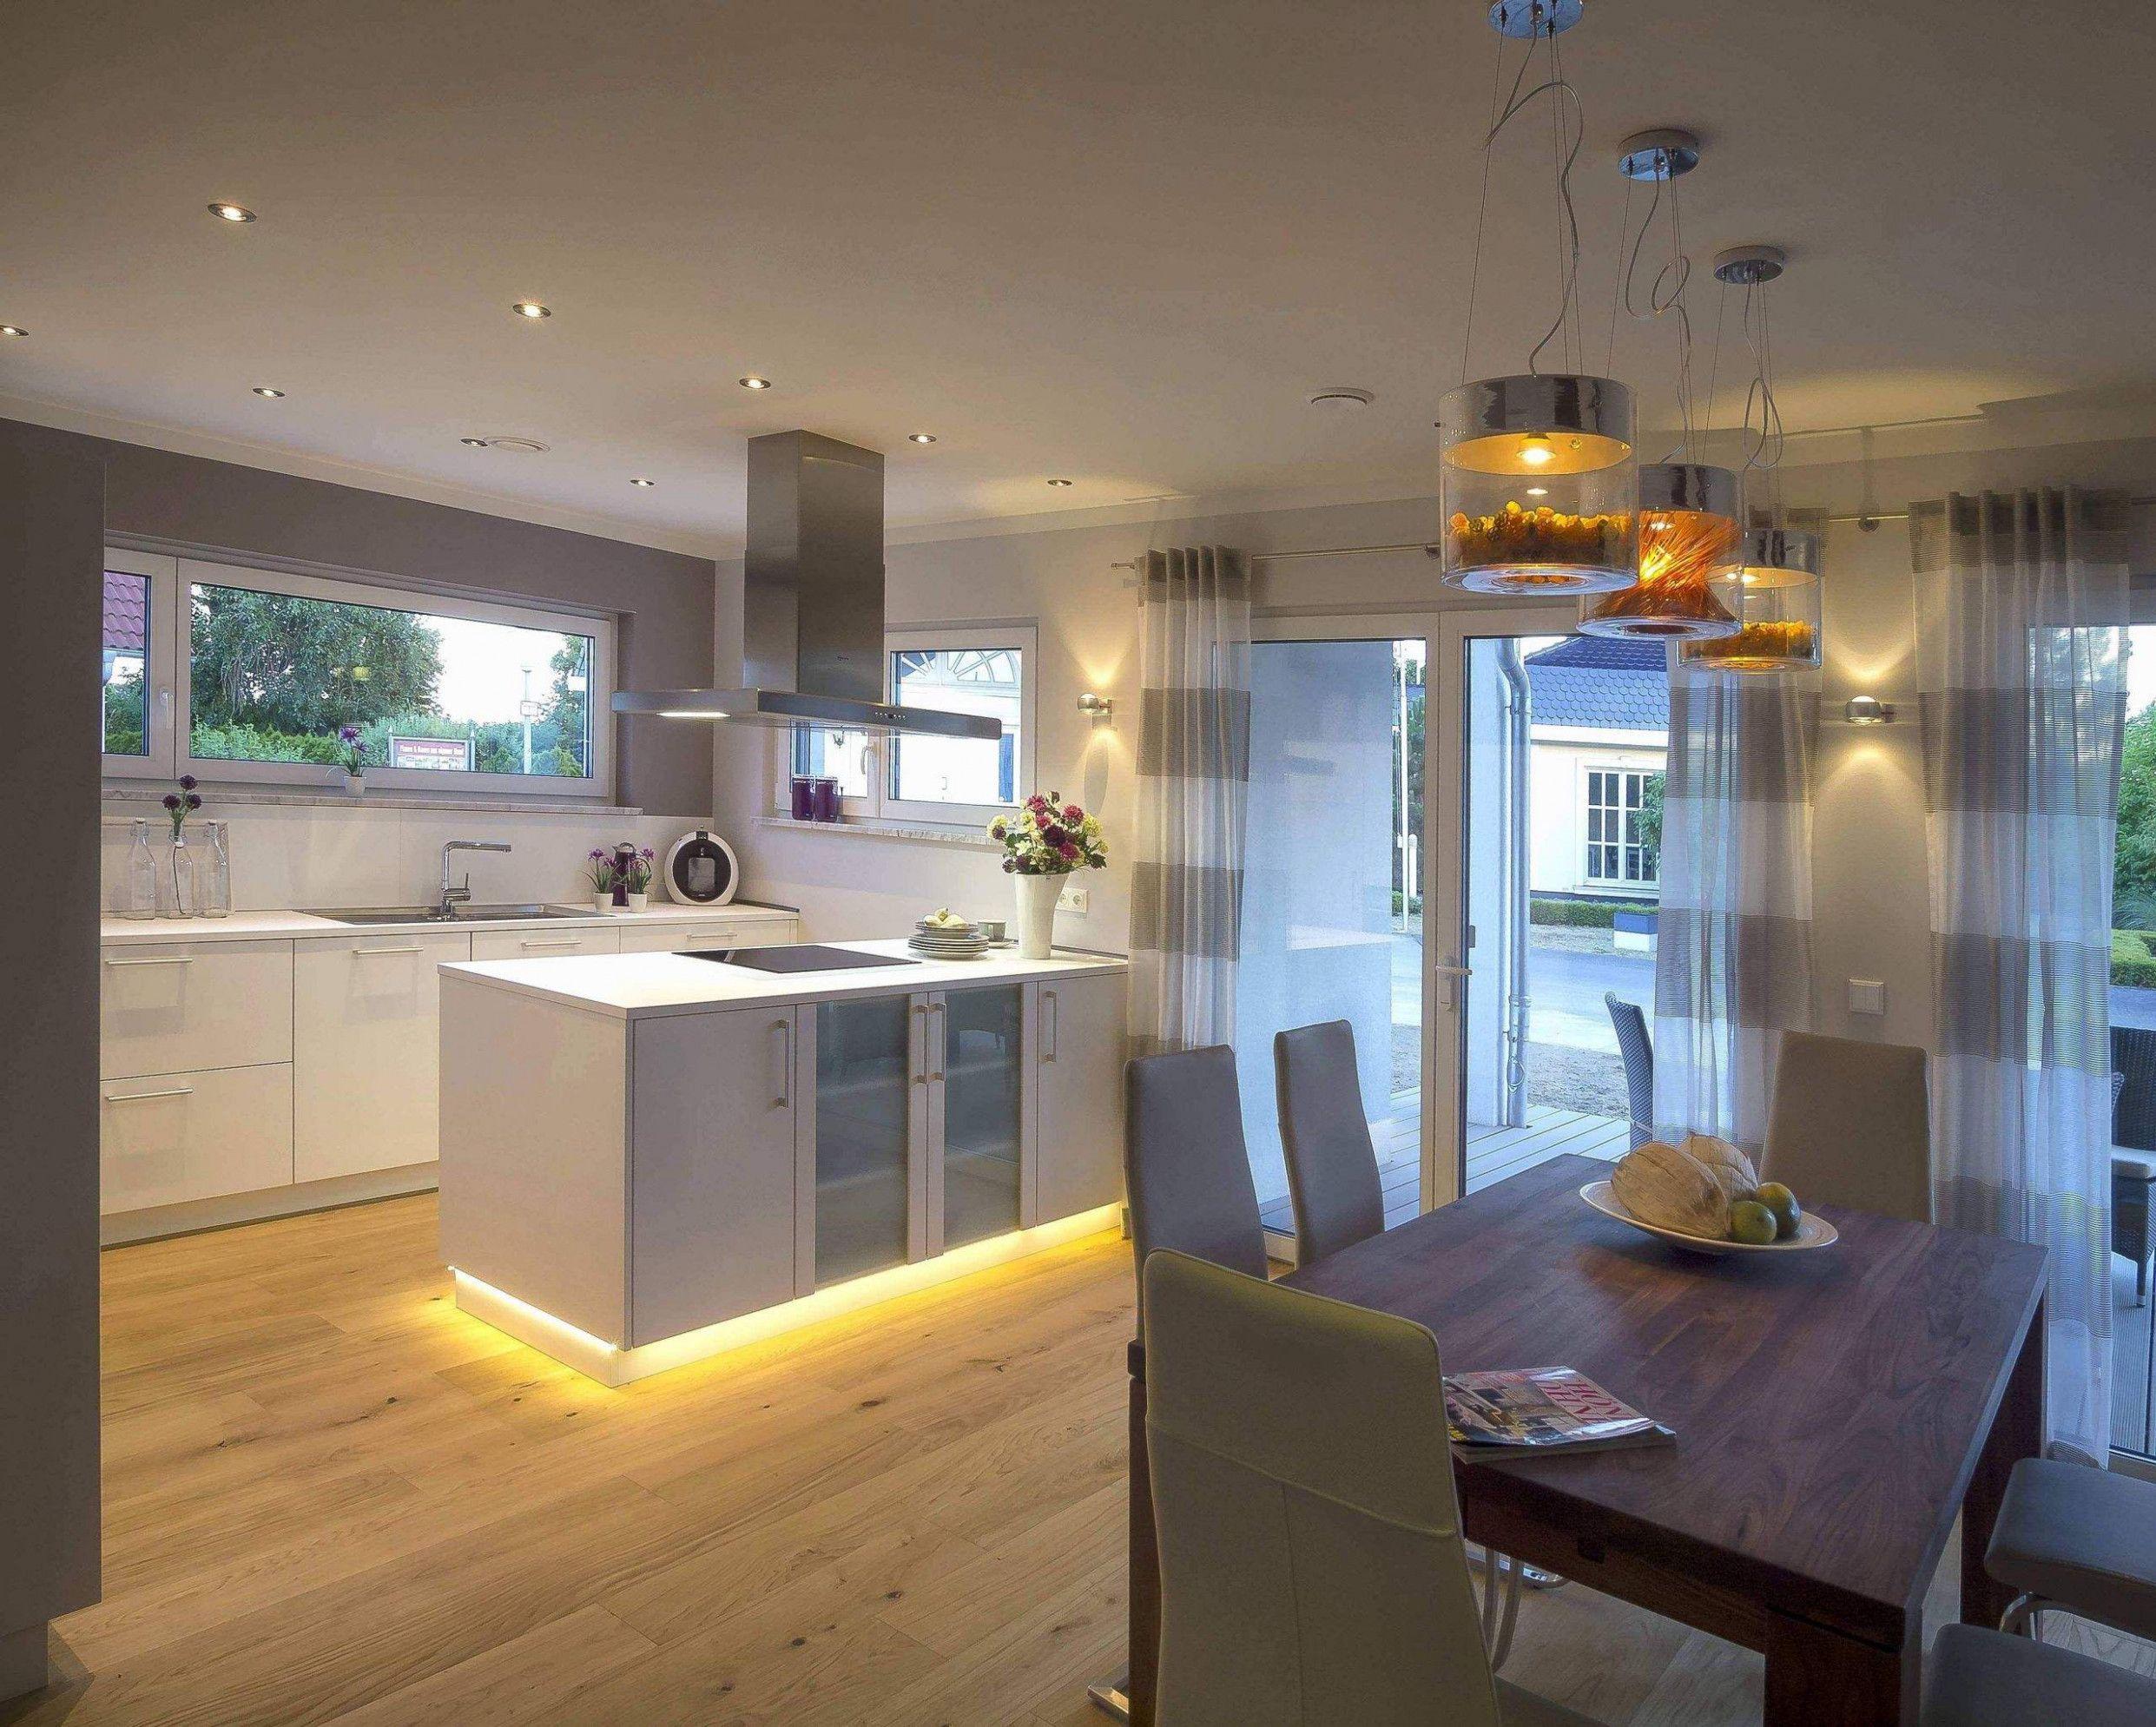 3 Wohnzimmer Mit Küche Trendy in 3  Offene küche wohnzimmer